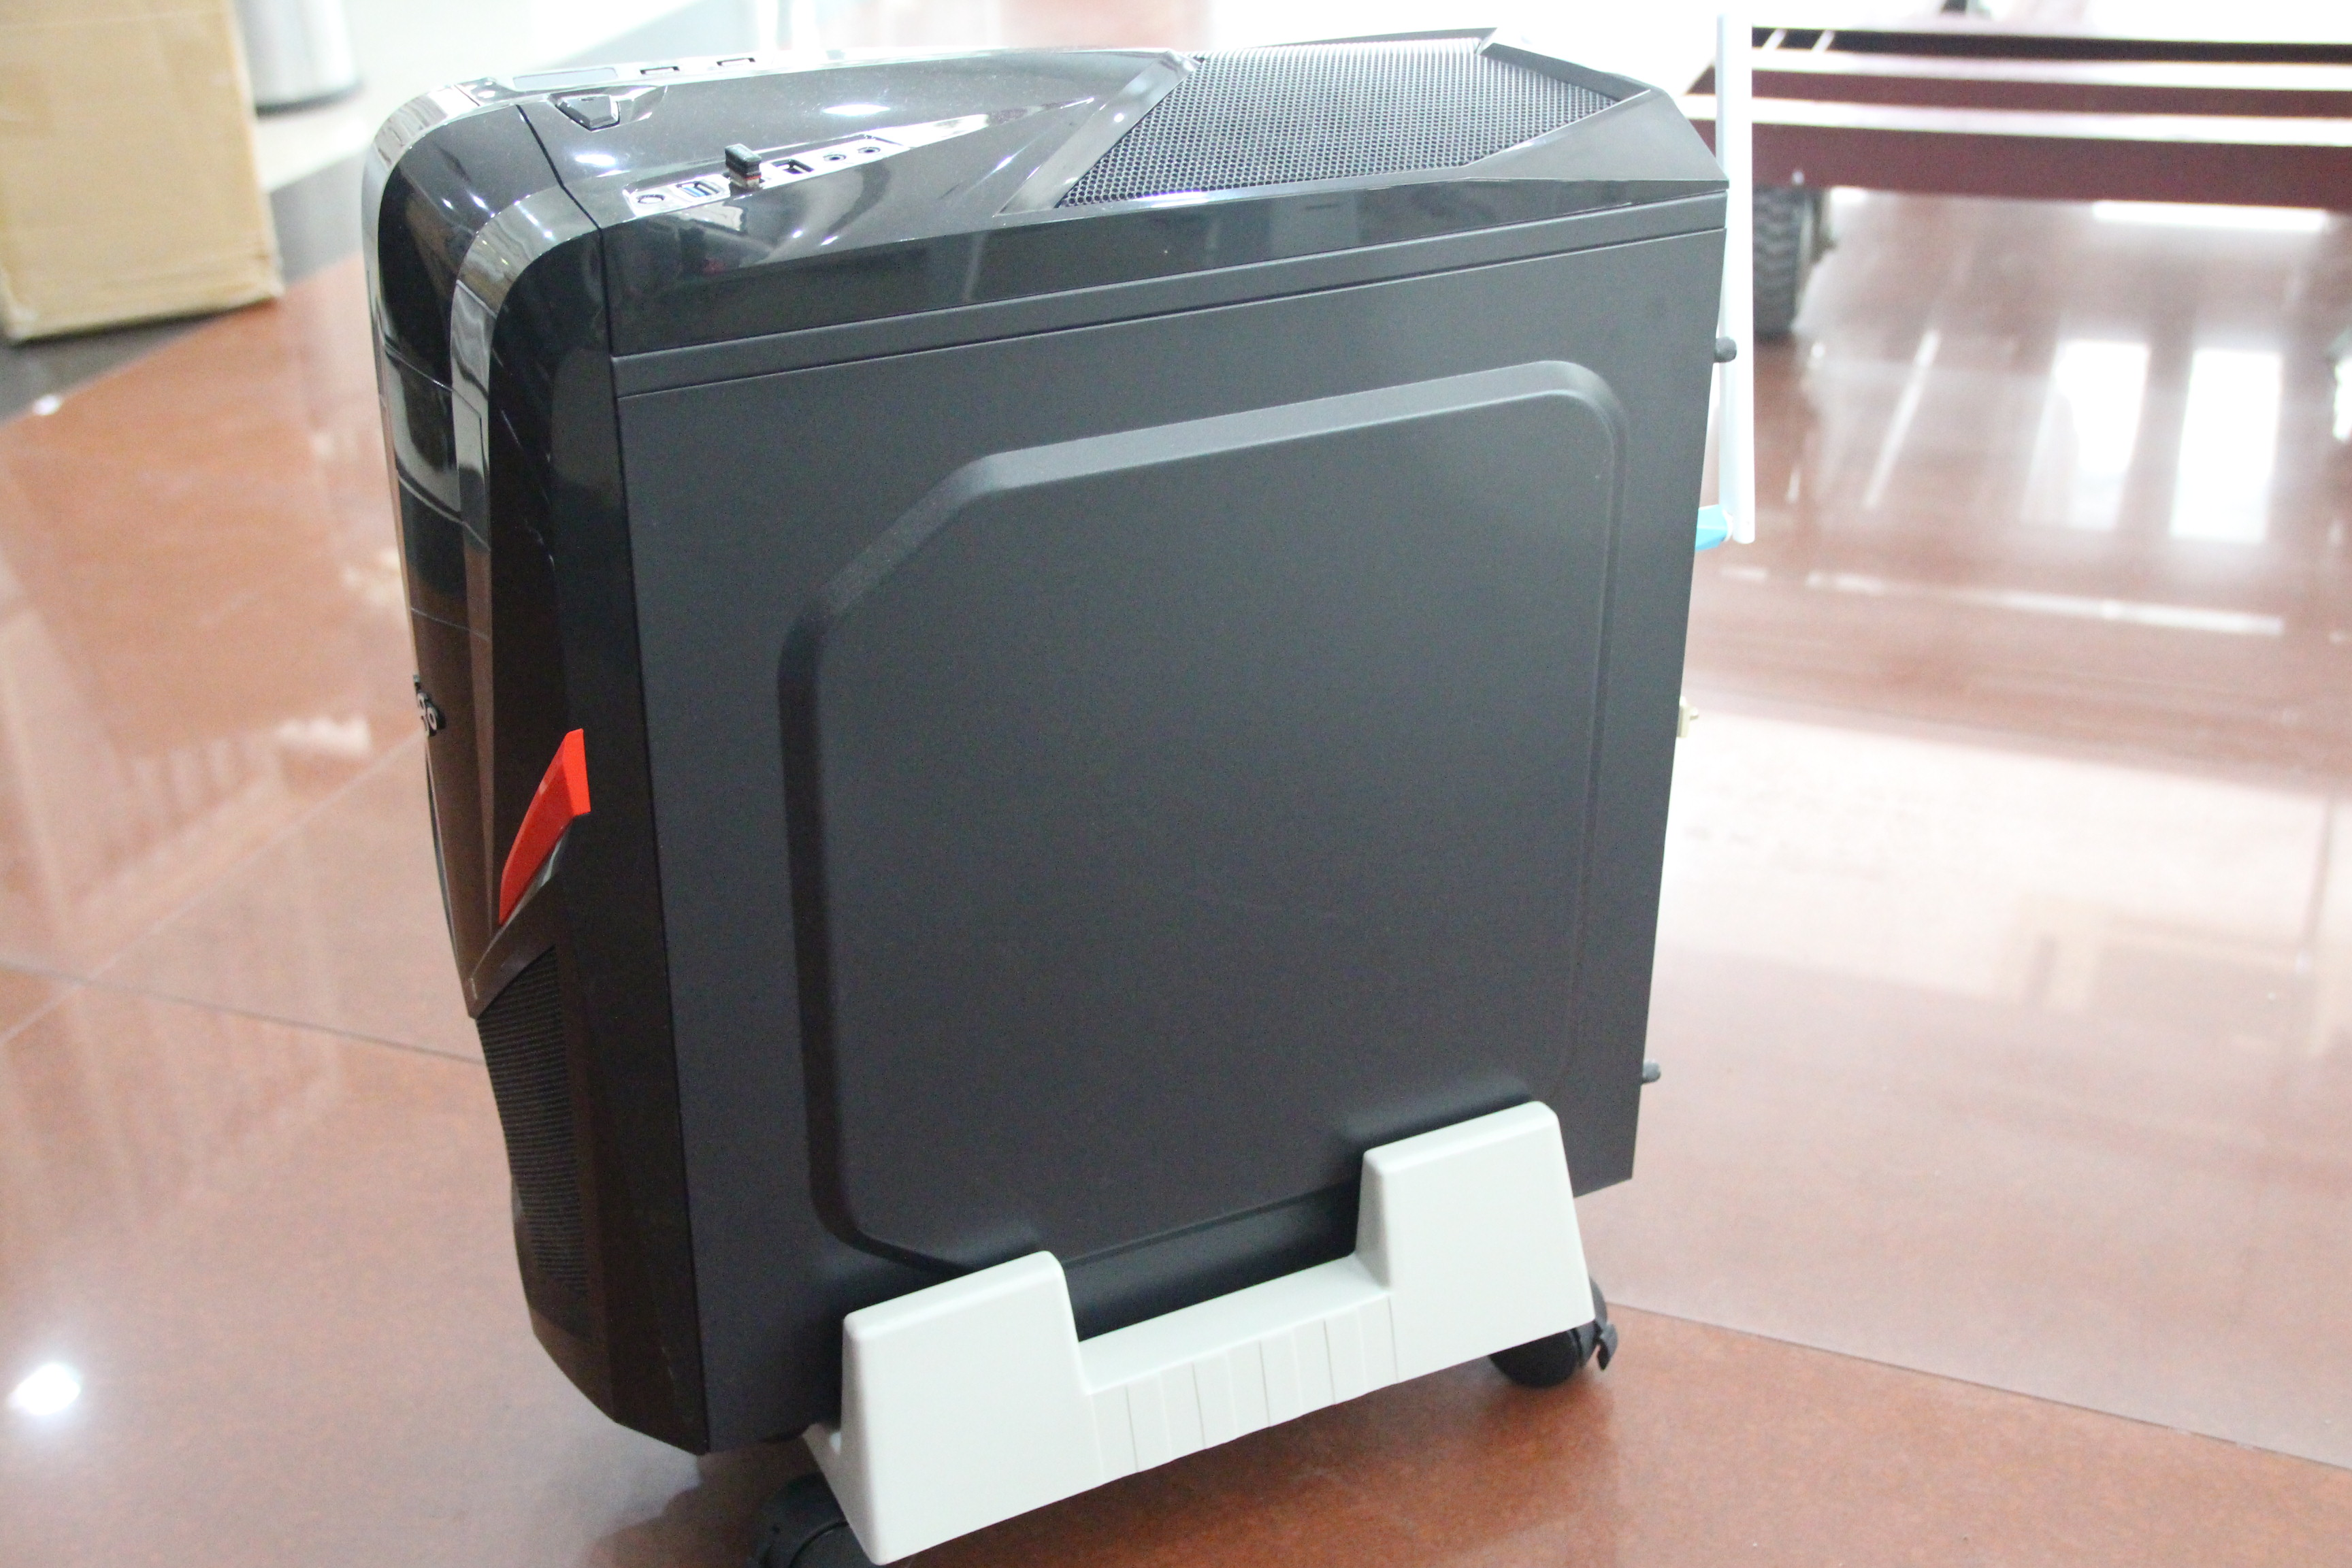 BFcolor приветствует 12 номеров бесплатная доставка по китаю настоящее время поколение Простые аксессуары для офисной мебели компьютерный мейнфрейм